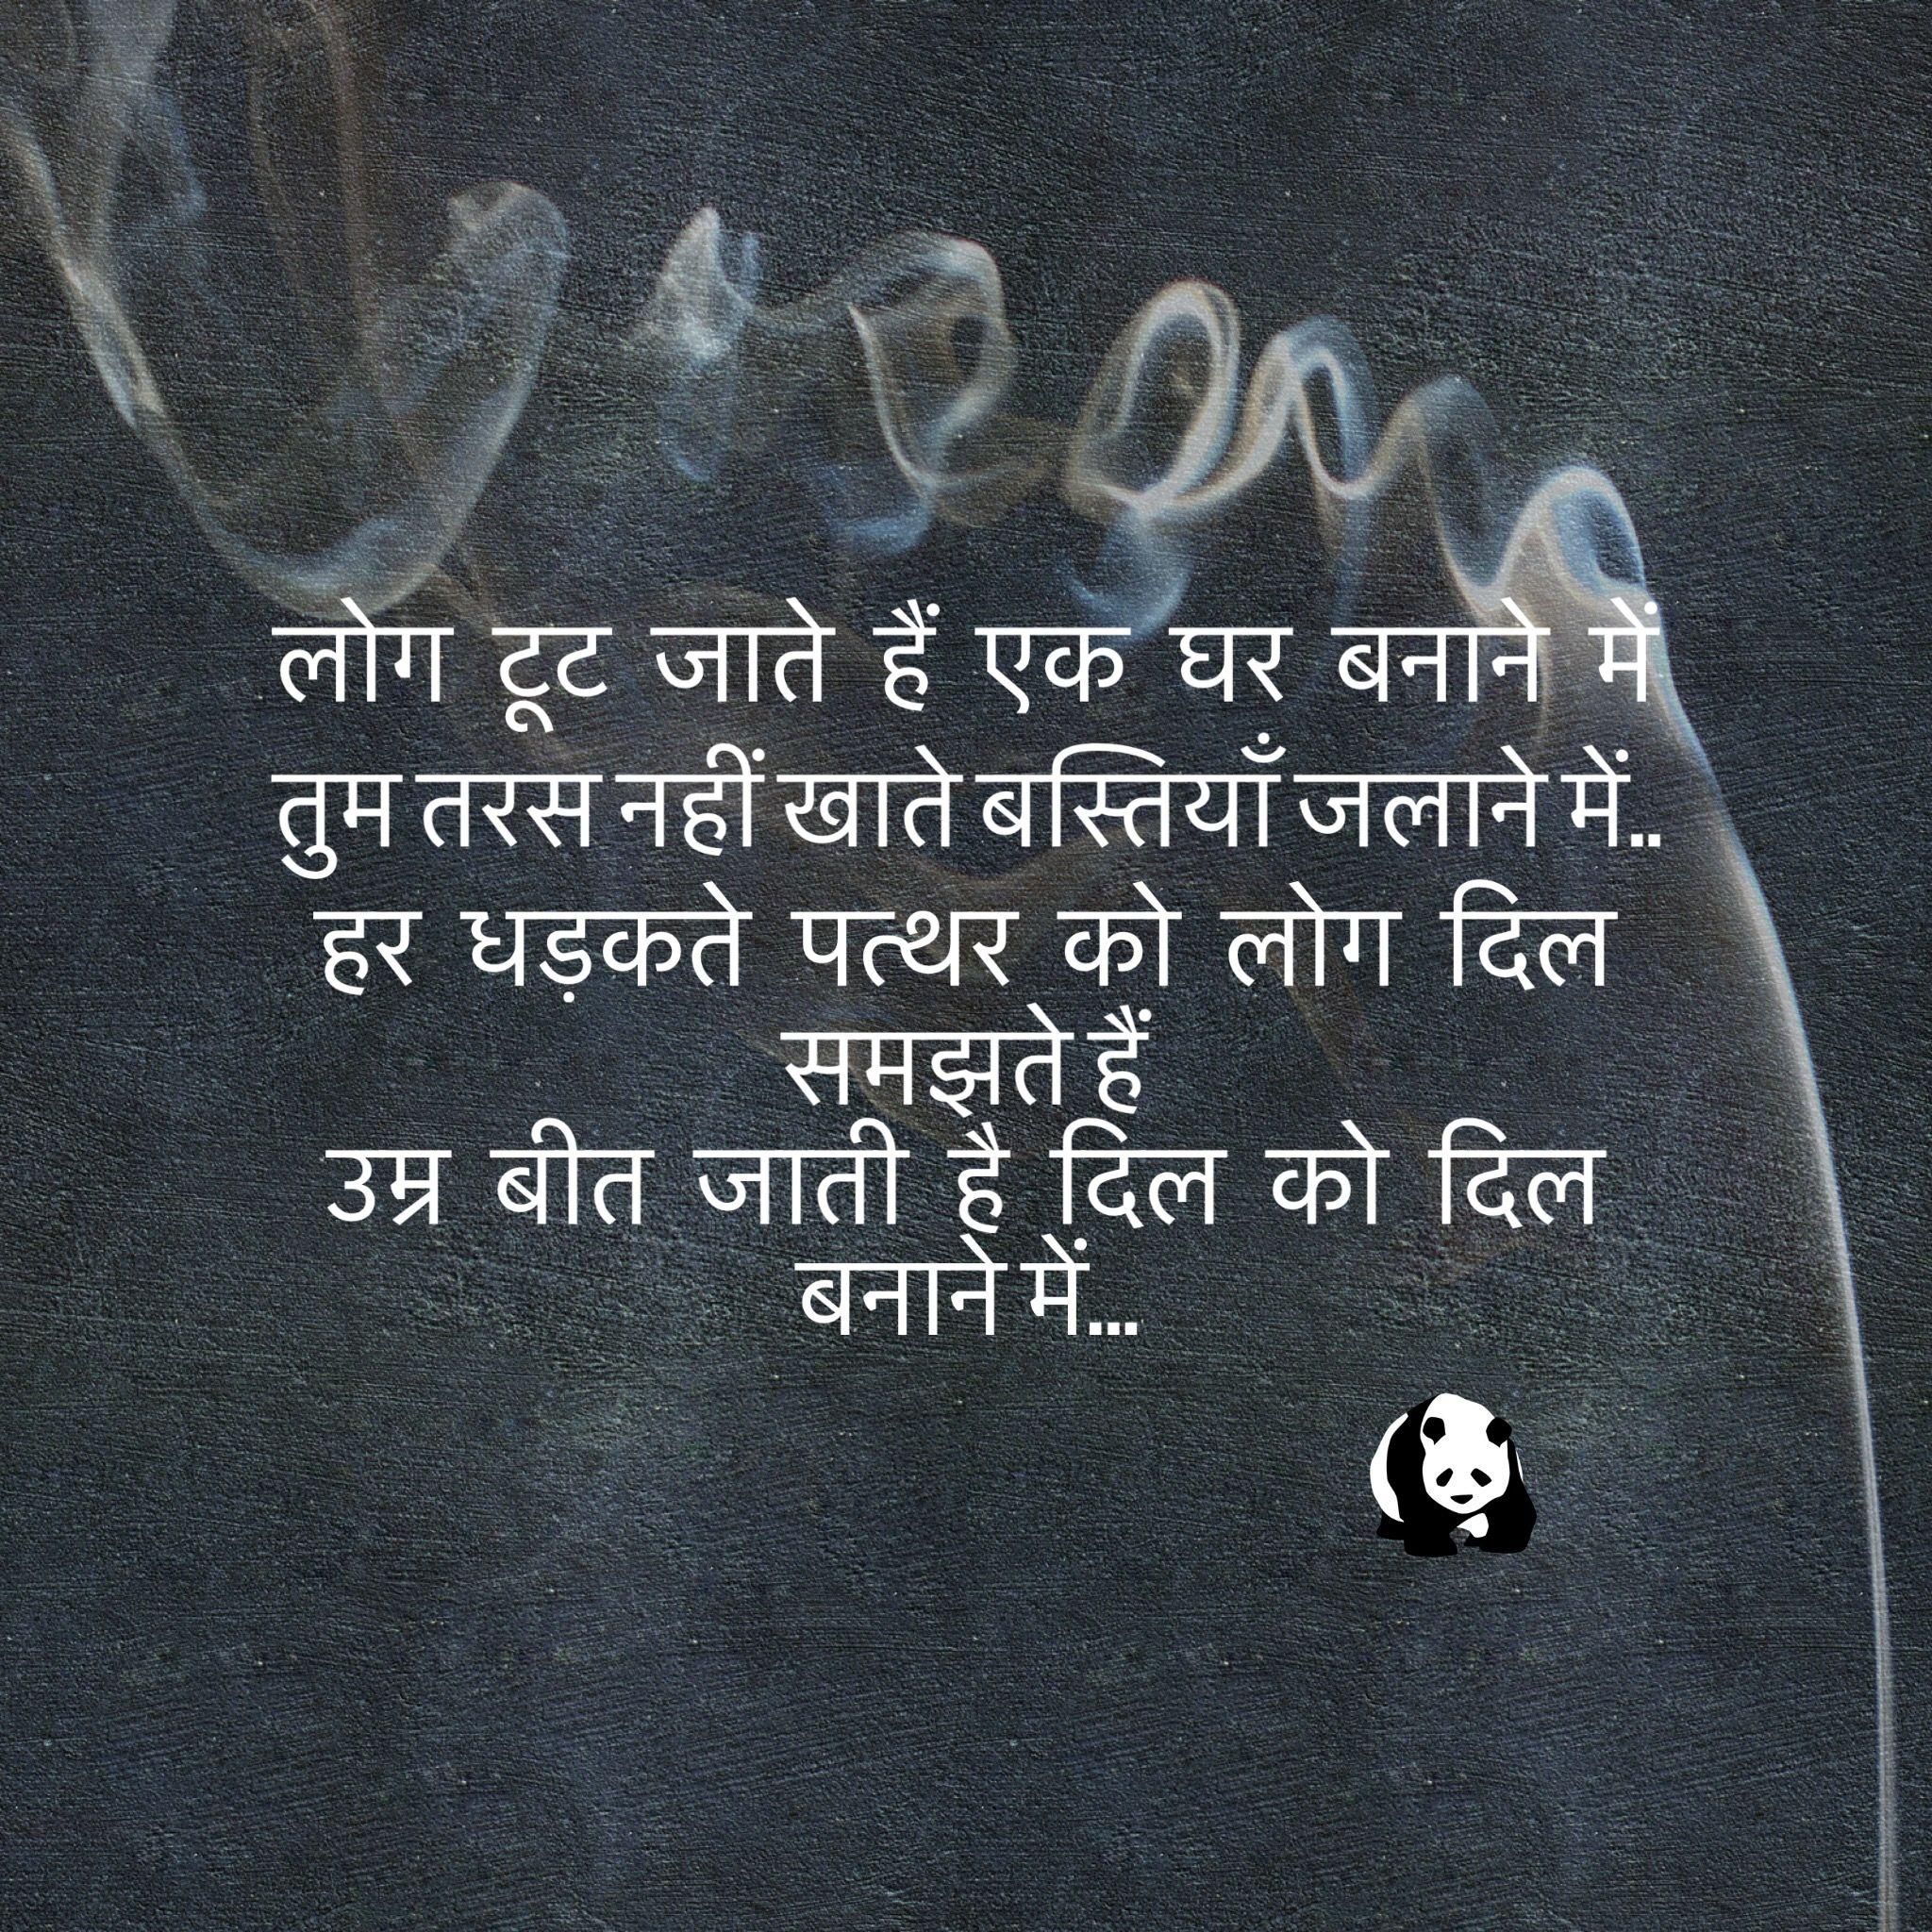 Pin by MUMBAI HOMES on shayri | Hindi quotes, Indian quotes